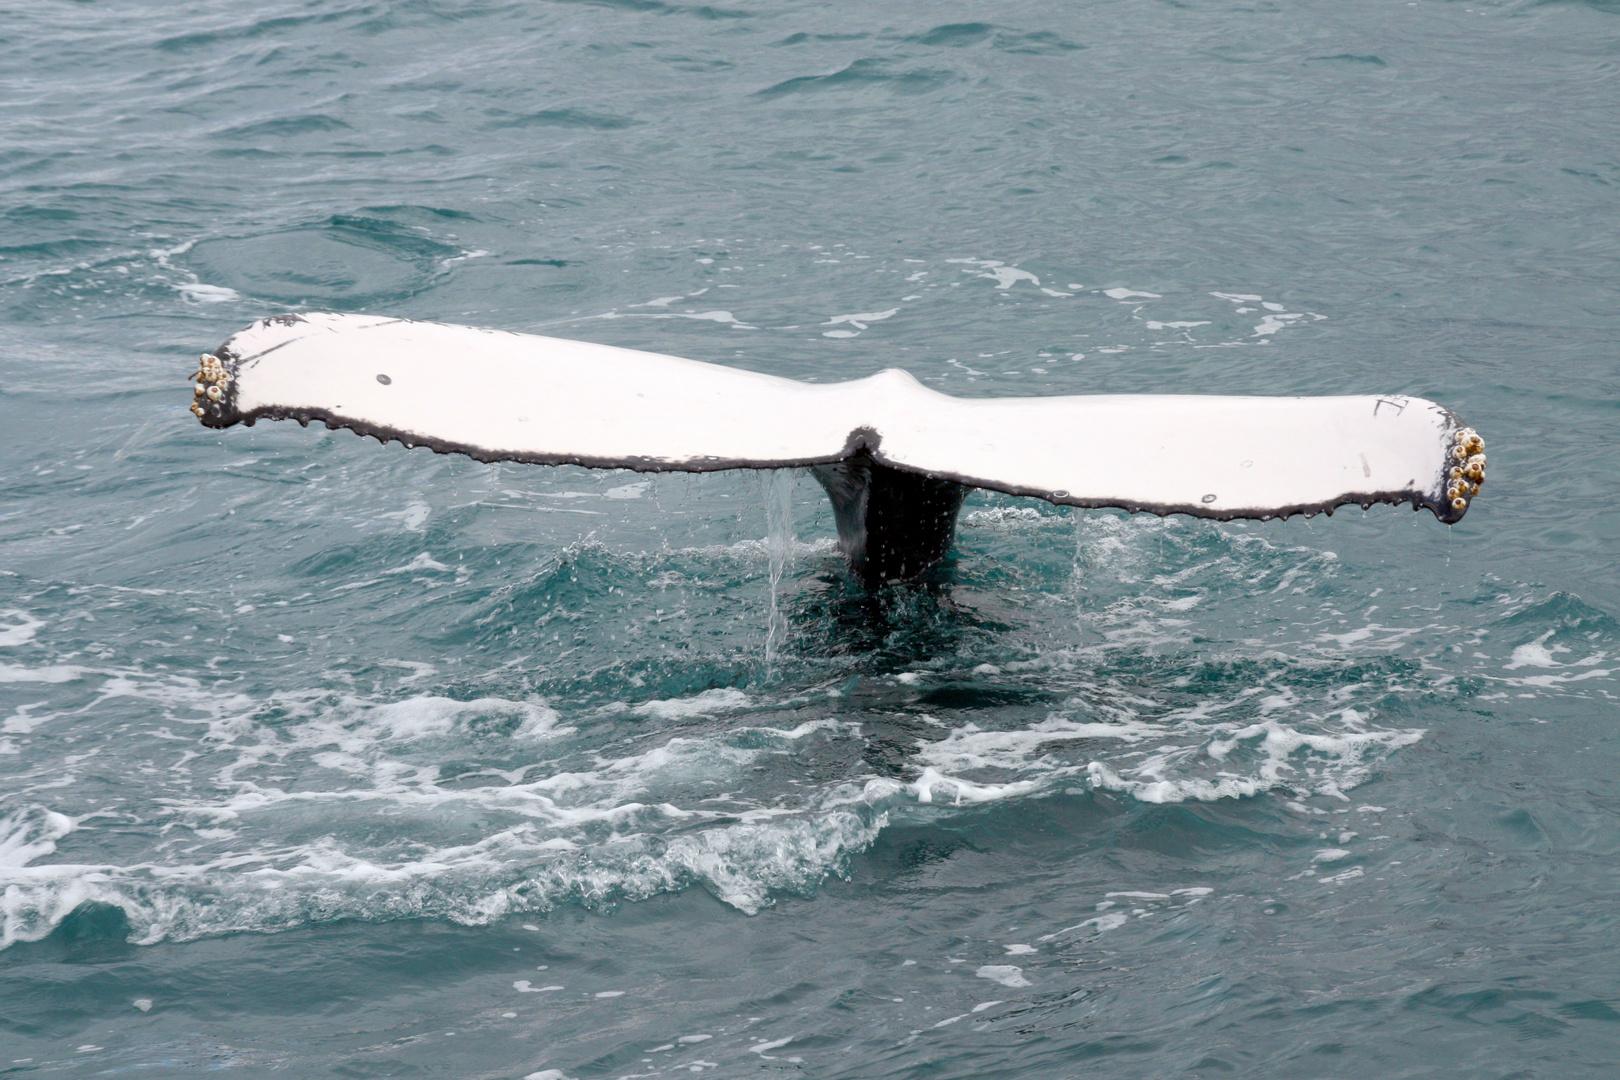 Meeresgigant (Buckelwal) vor Hervey Bay